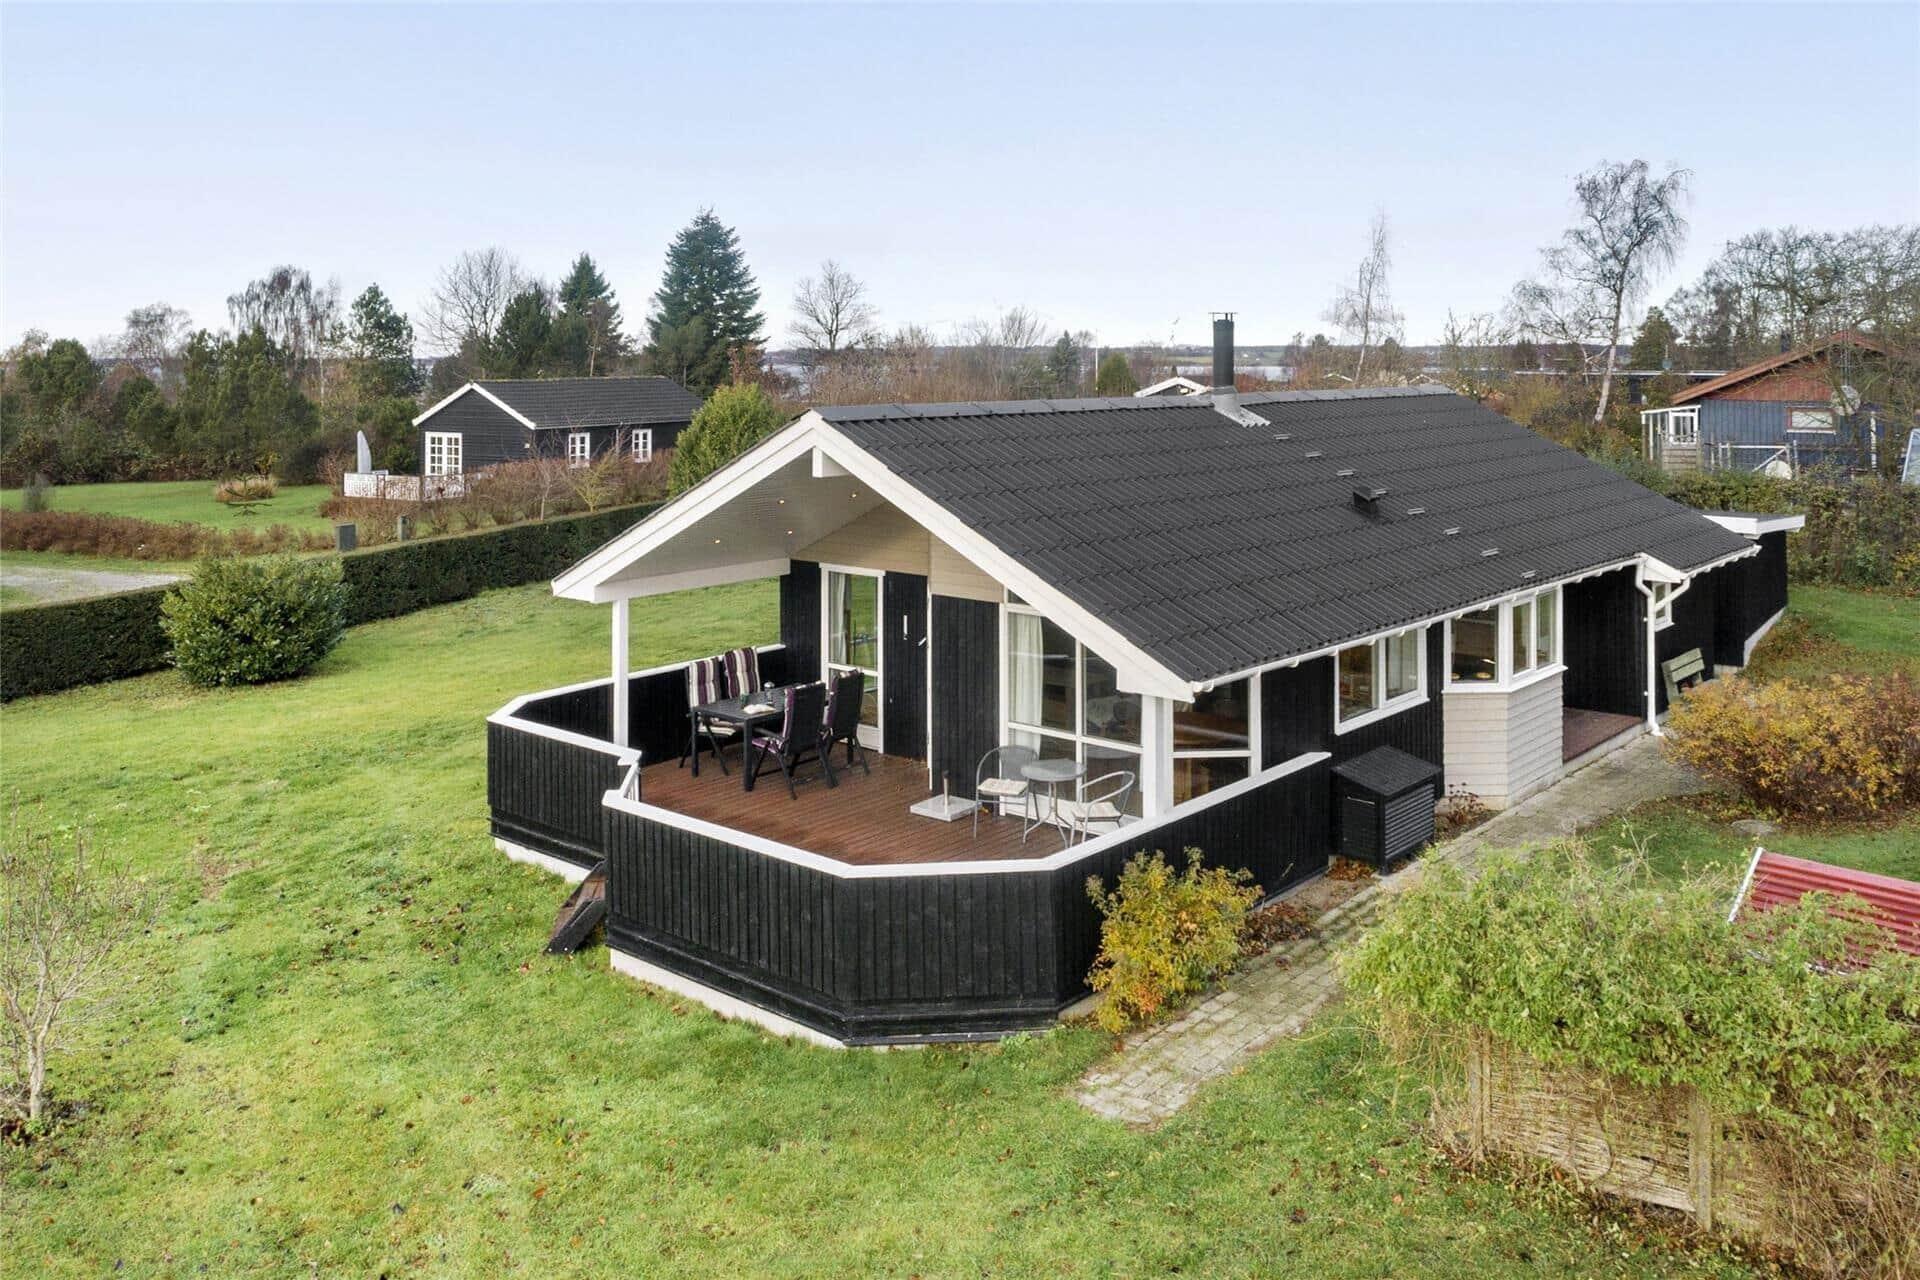 Billede 1-174 Sommerhus M22004, Tjørnehegnet 22, DK - 4850 Stubbekøbing